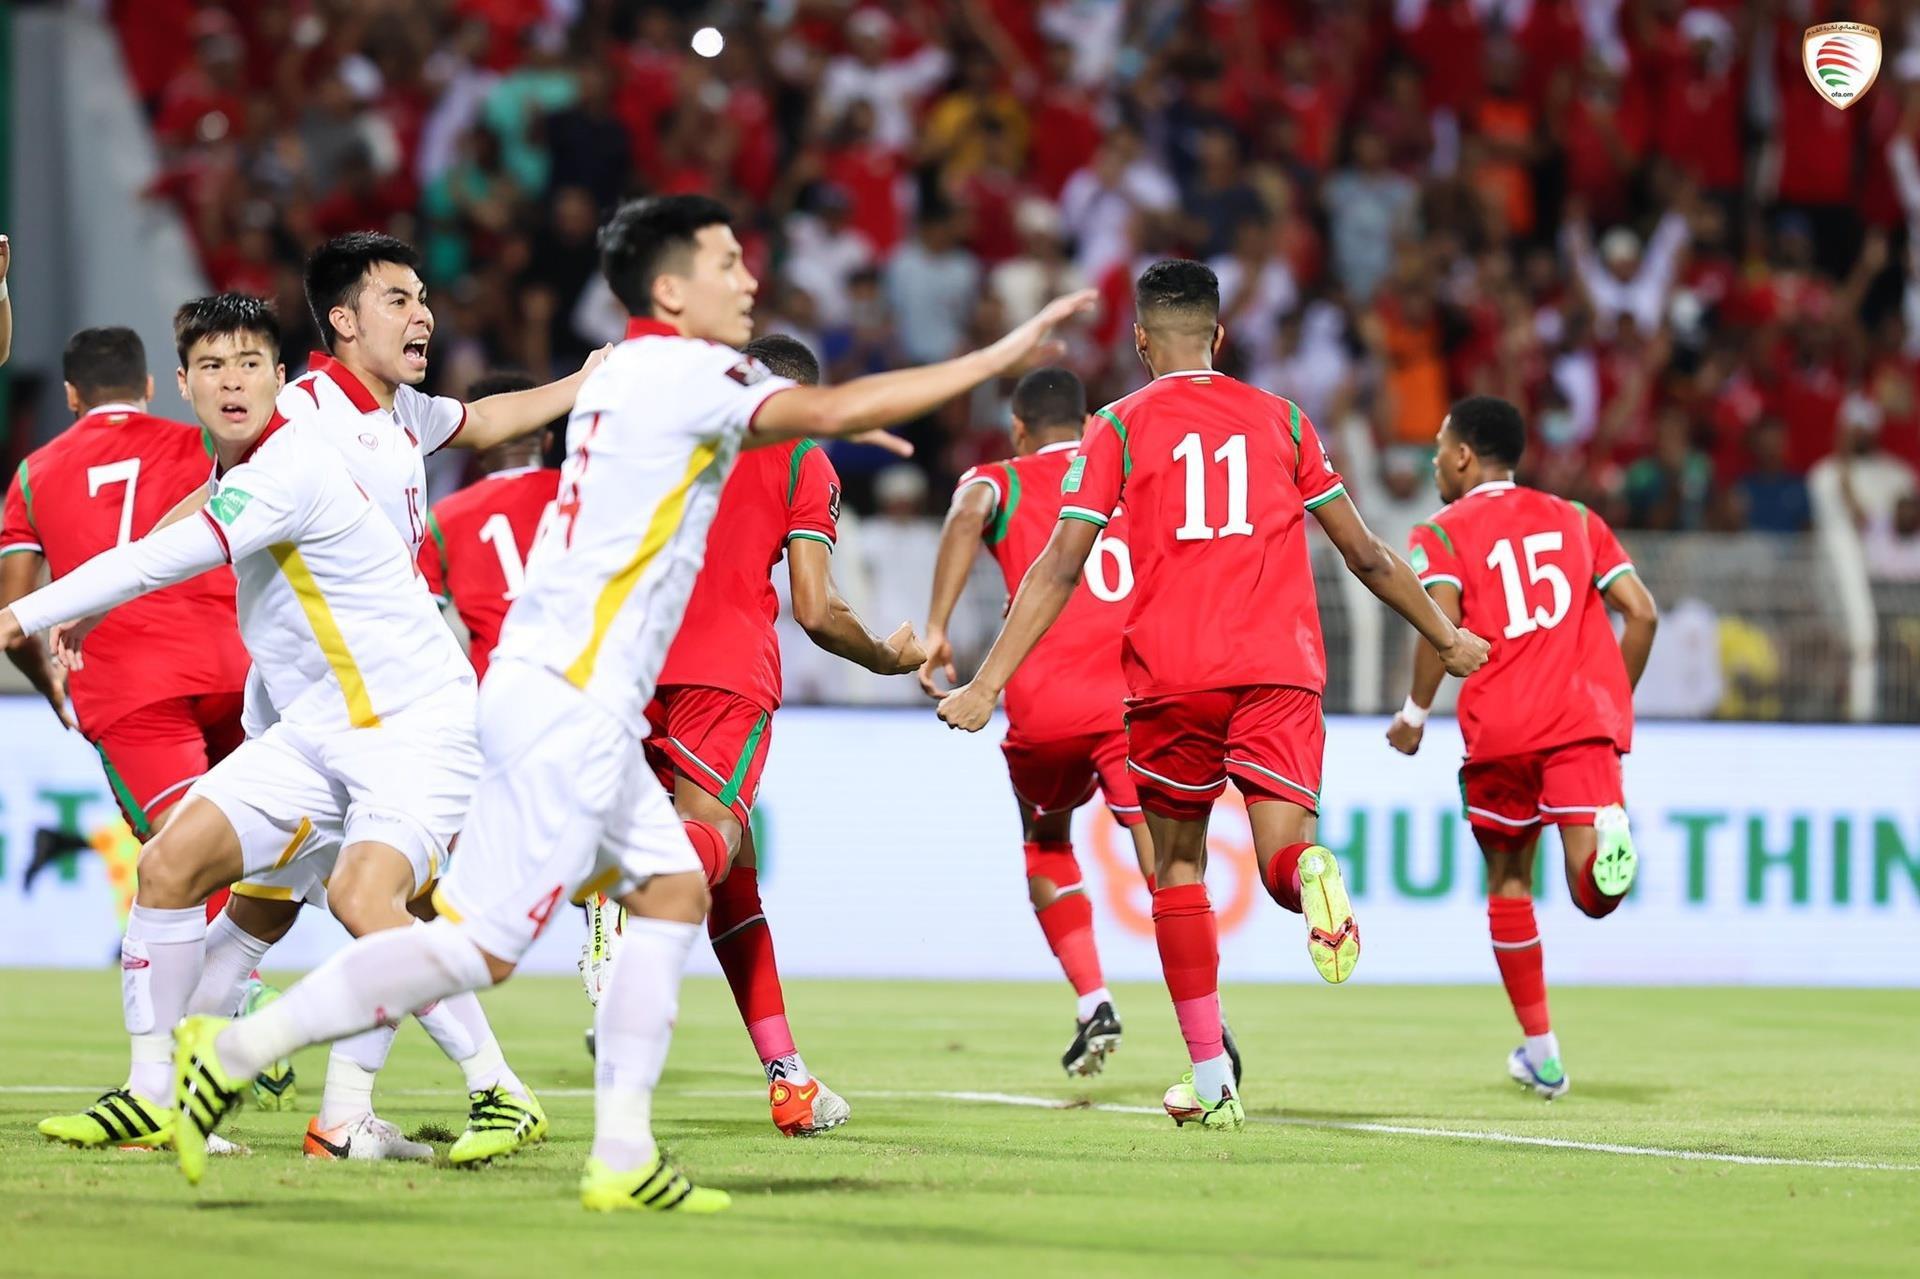 Chuyên gia: 'Tuyển Việt Nam bị thổi phạt đền do thói quen xấu của cầu thủ' - 1